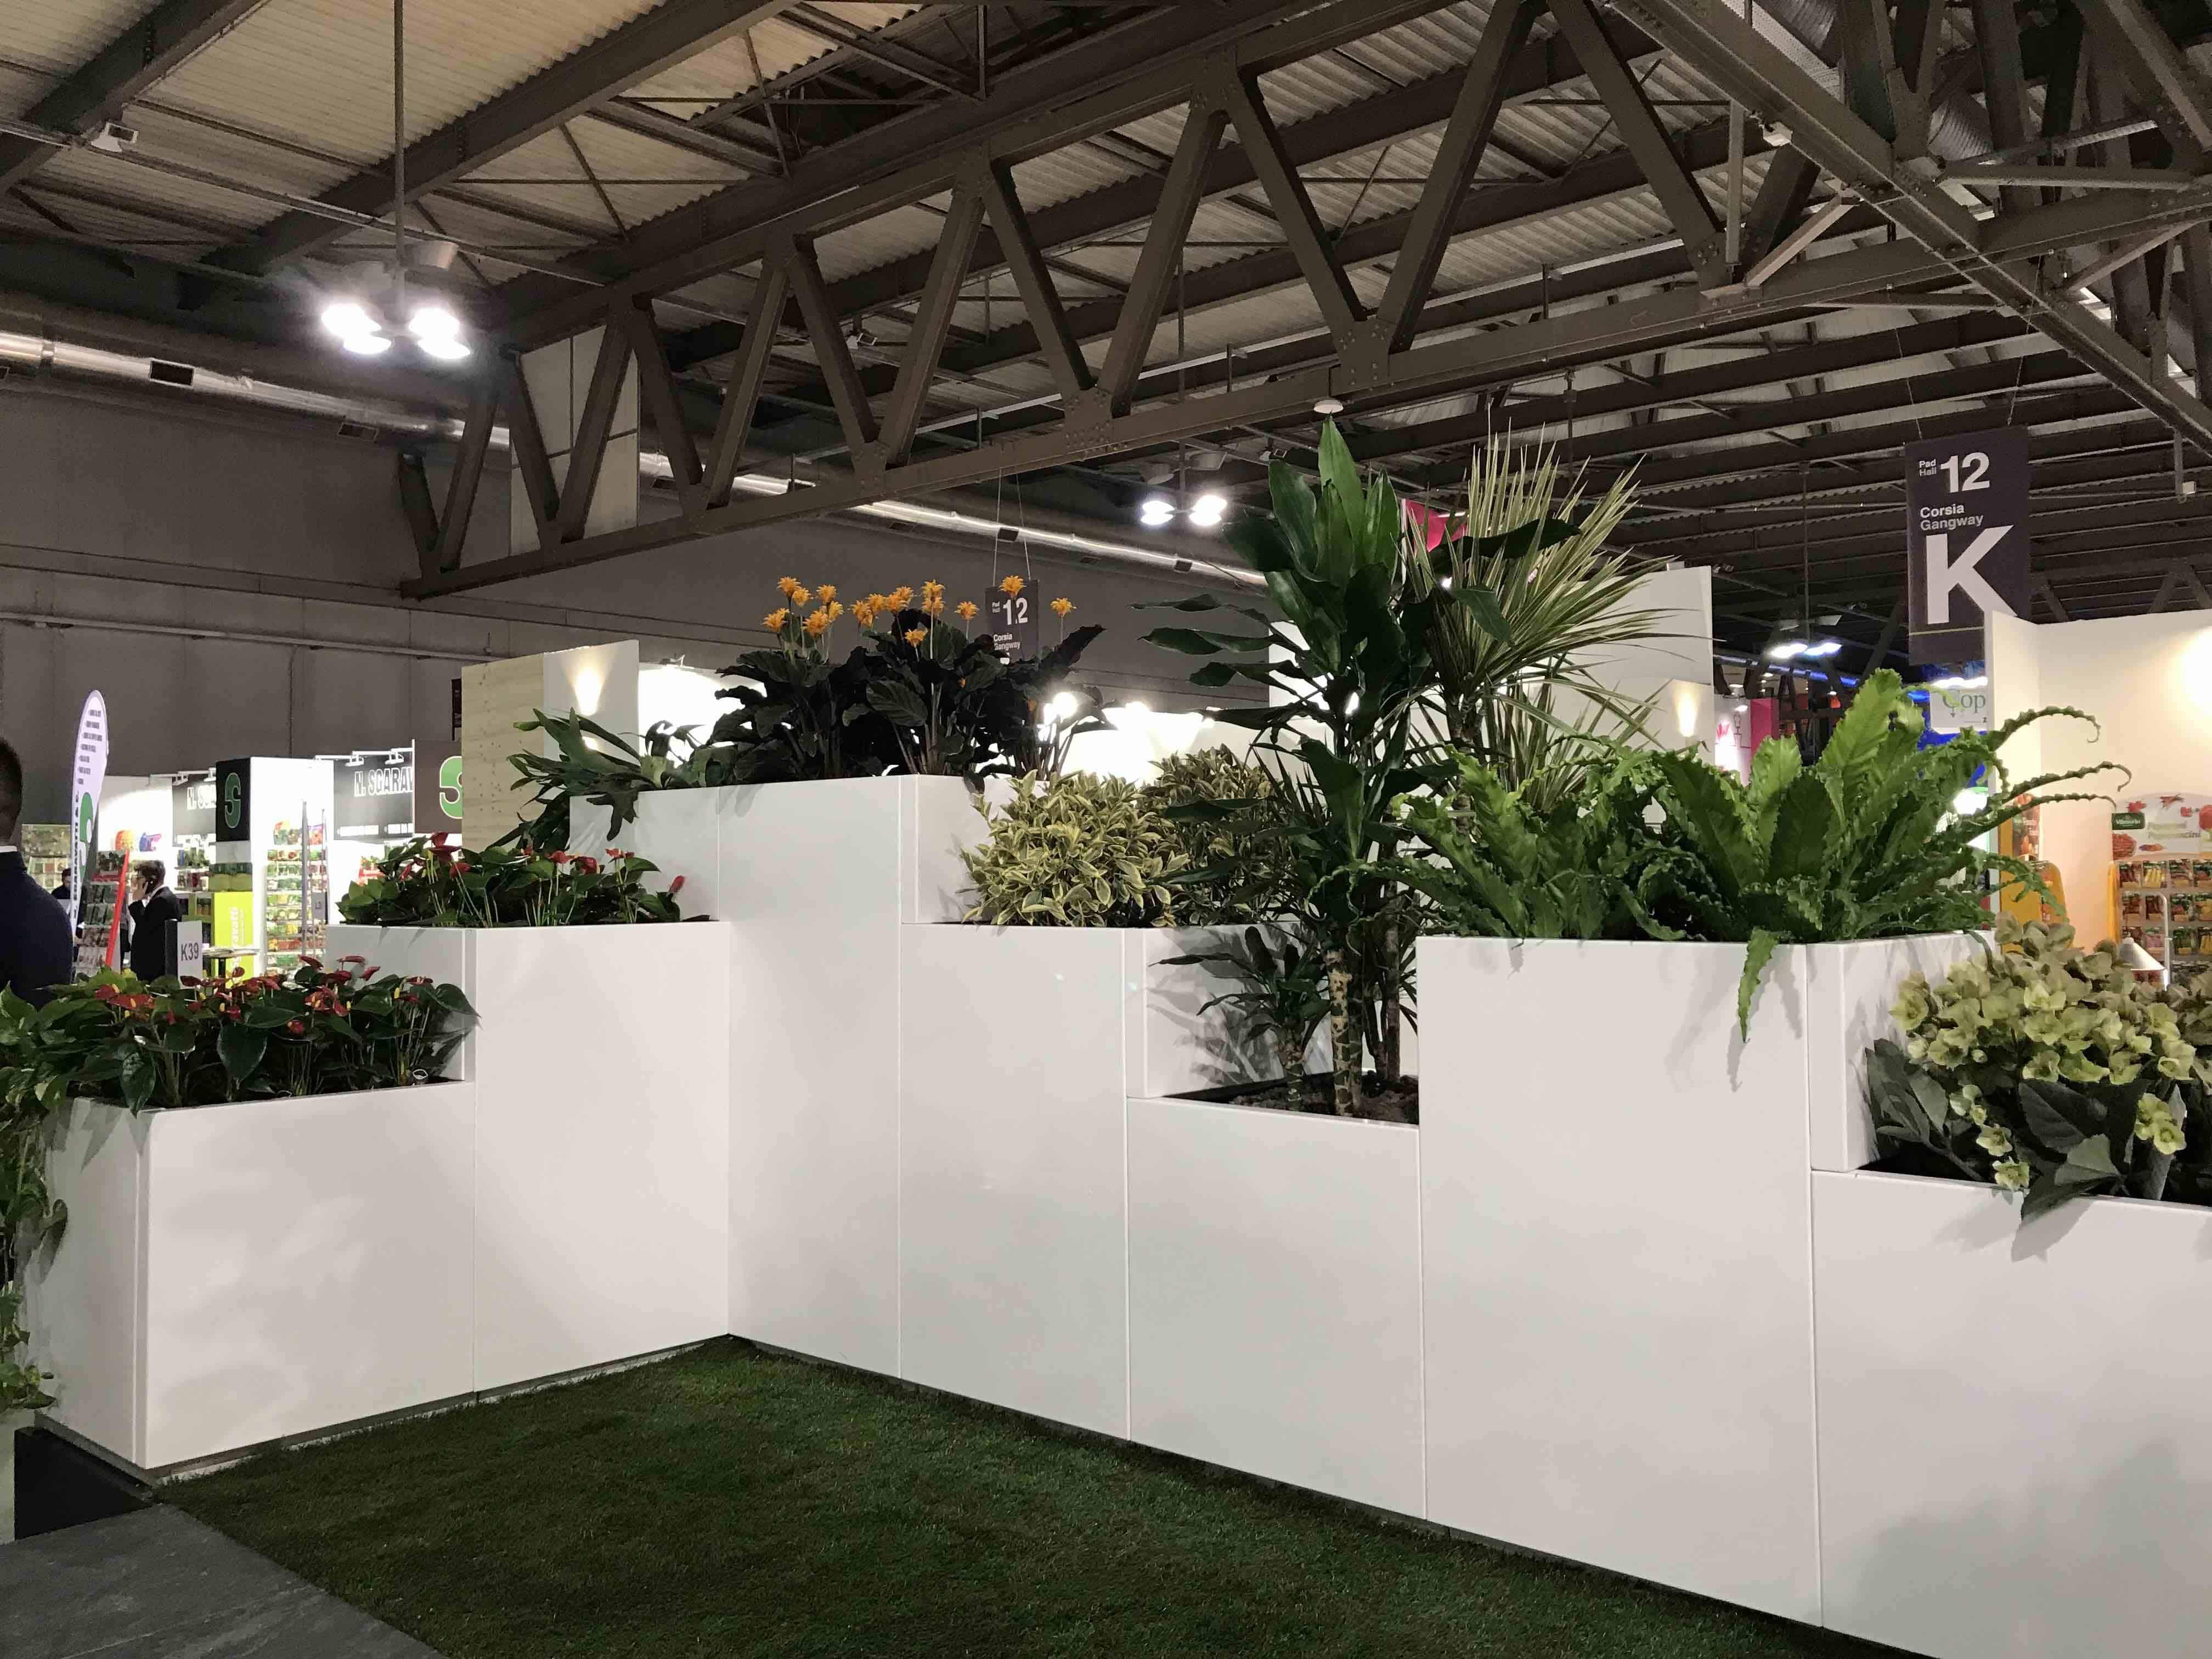 Modulaire bloembakken als afboording terras of dakterras in functie van privacy, sfeer en gezelligheid